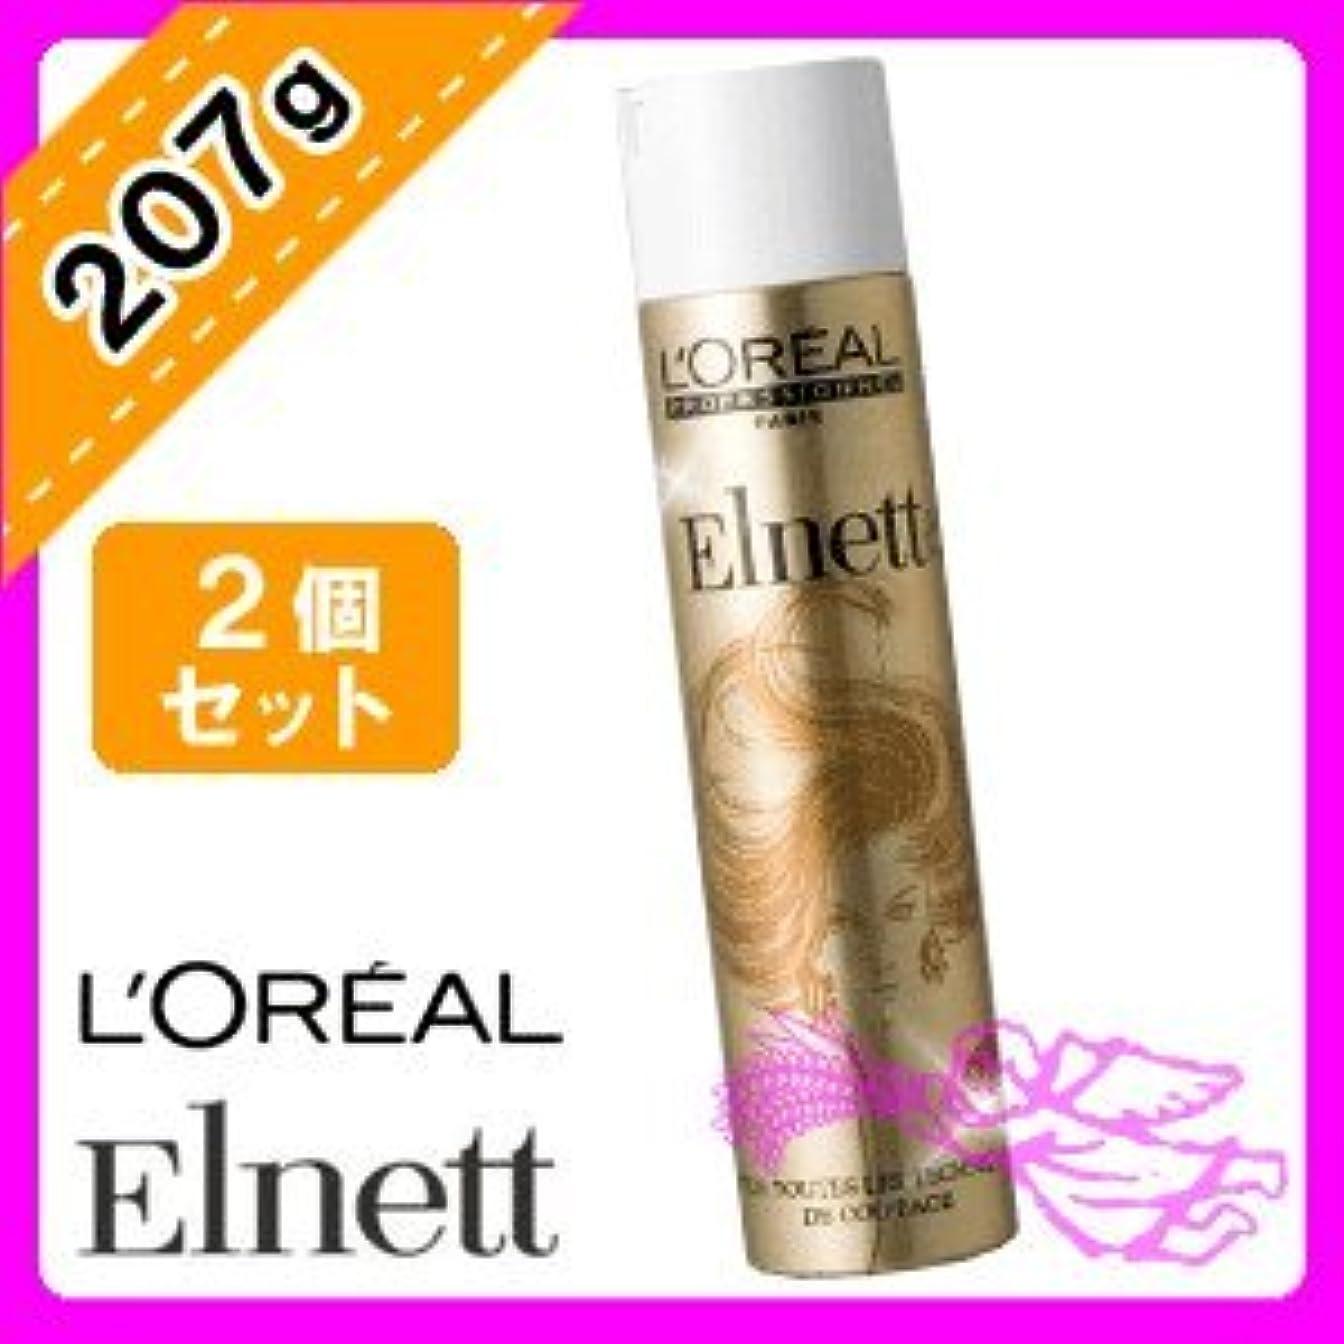 受け入れた必需品打倒ロレアル エルネット サテン <207g×2個セット> LOREAL Elnett スタイリング ローズ フレグランス